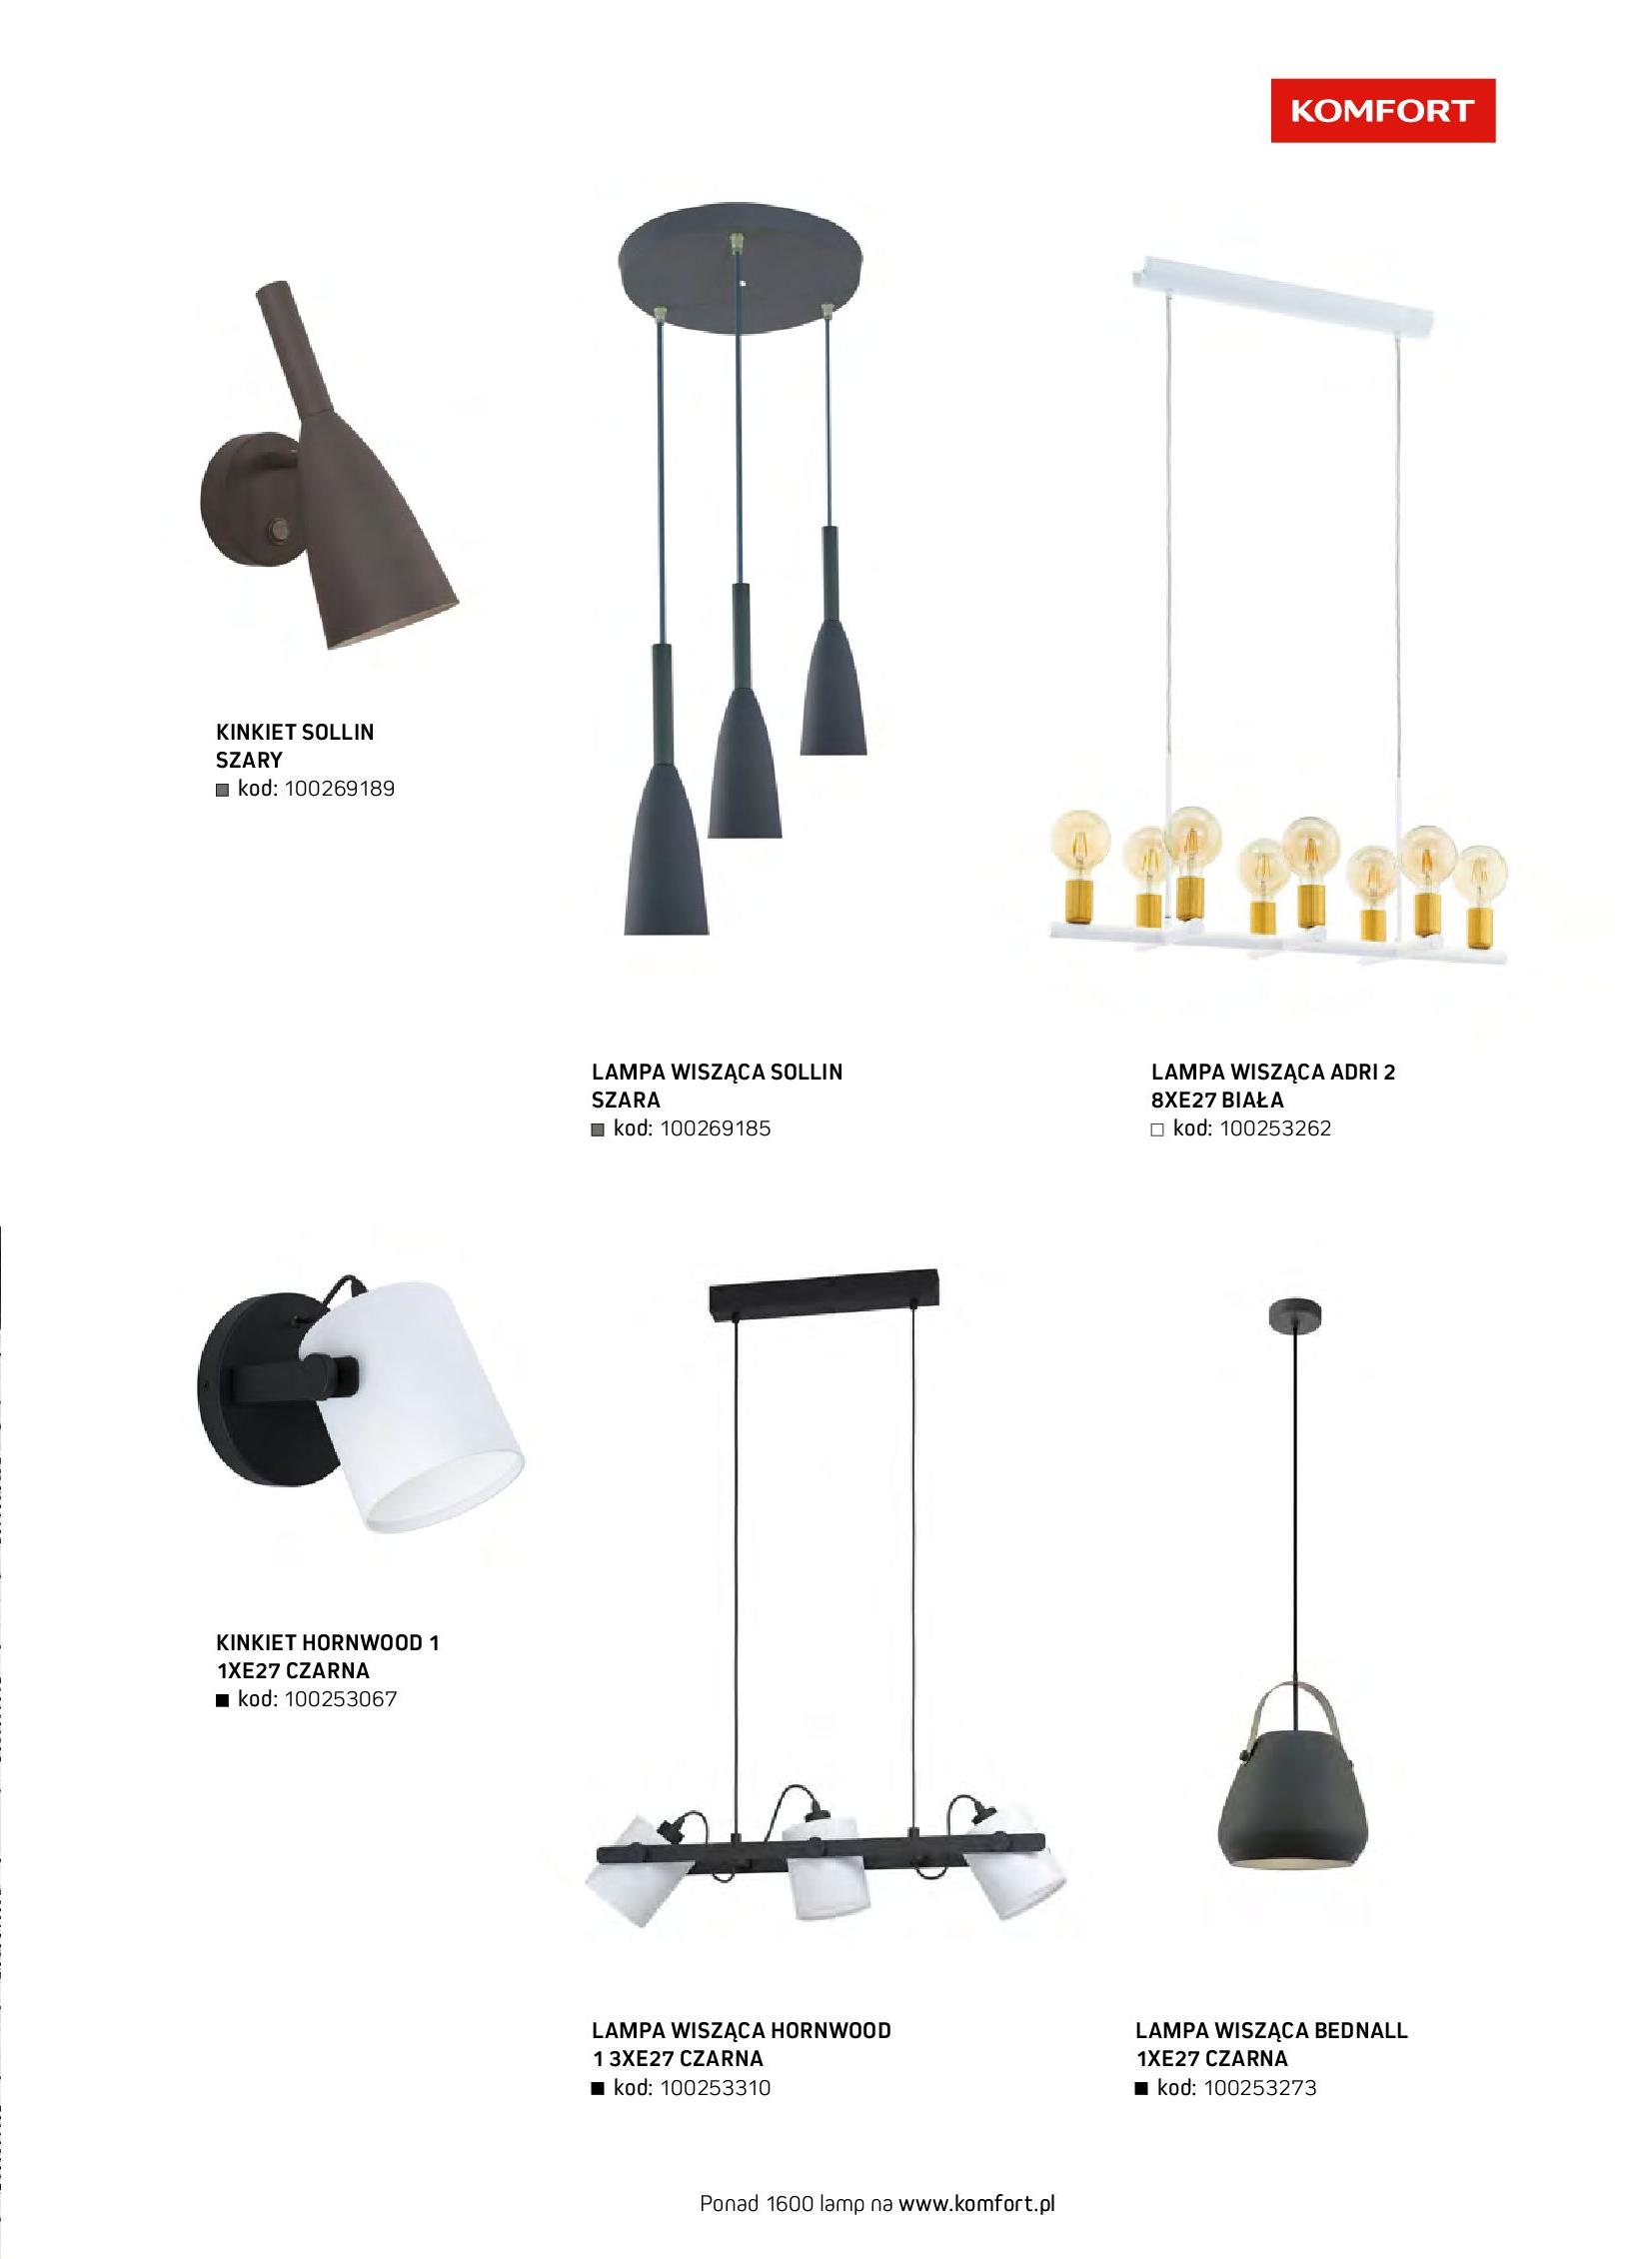 Gazetka Komfort: Gazetka komfort - Meble i oświetlenie 2021-08-26 page-75